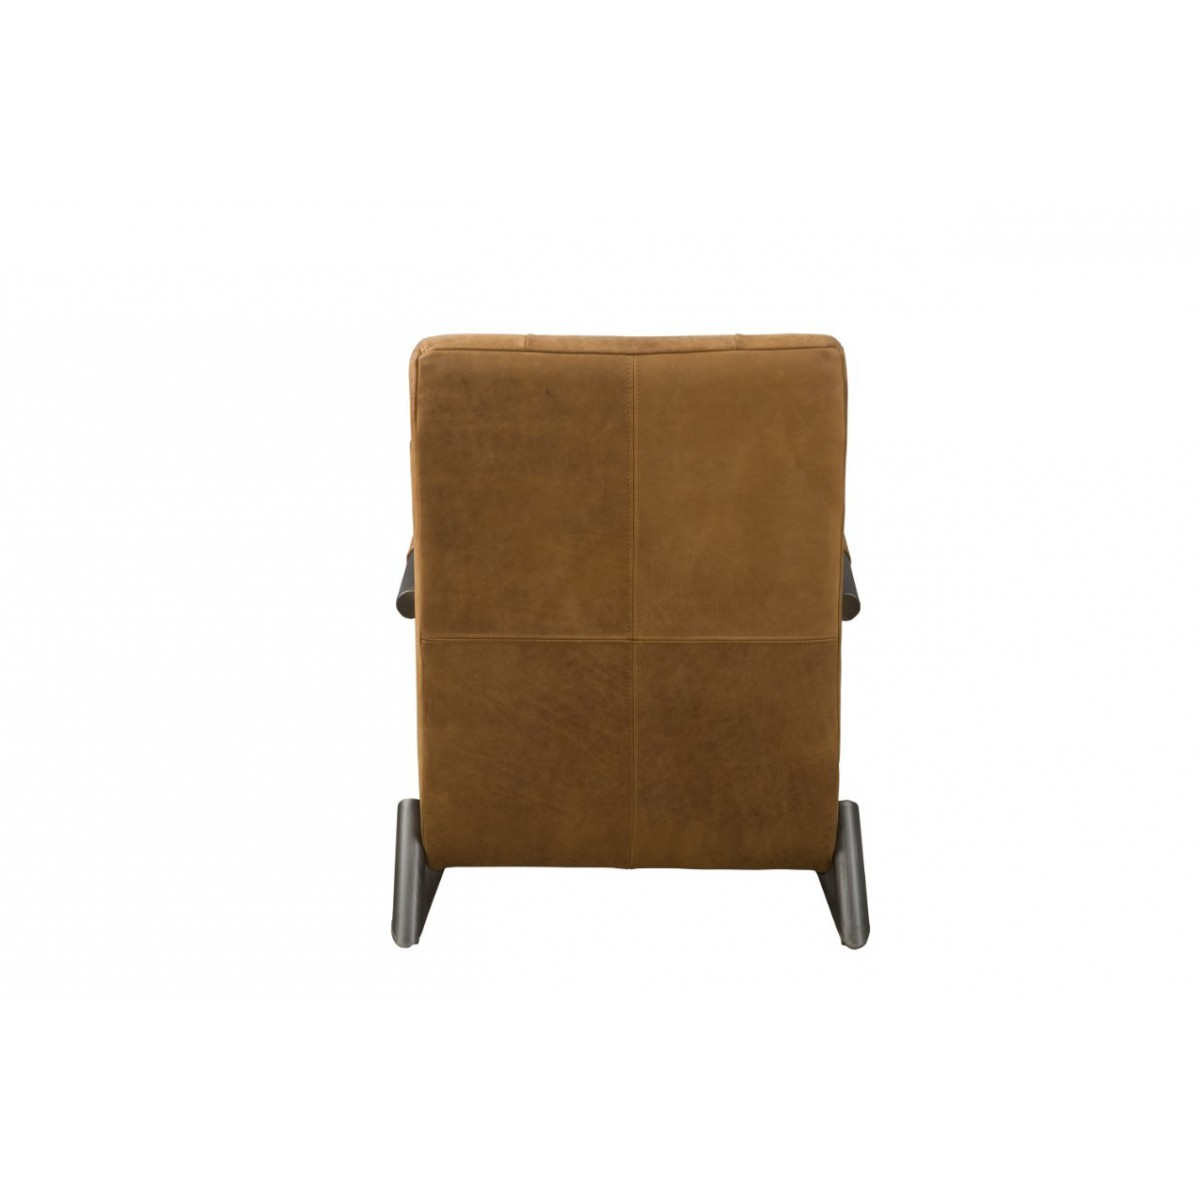 barn-coffeechair-fauteuil-vintage-leer-rust-lm0016-achterzijde